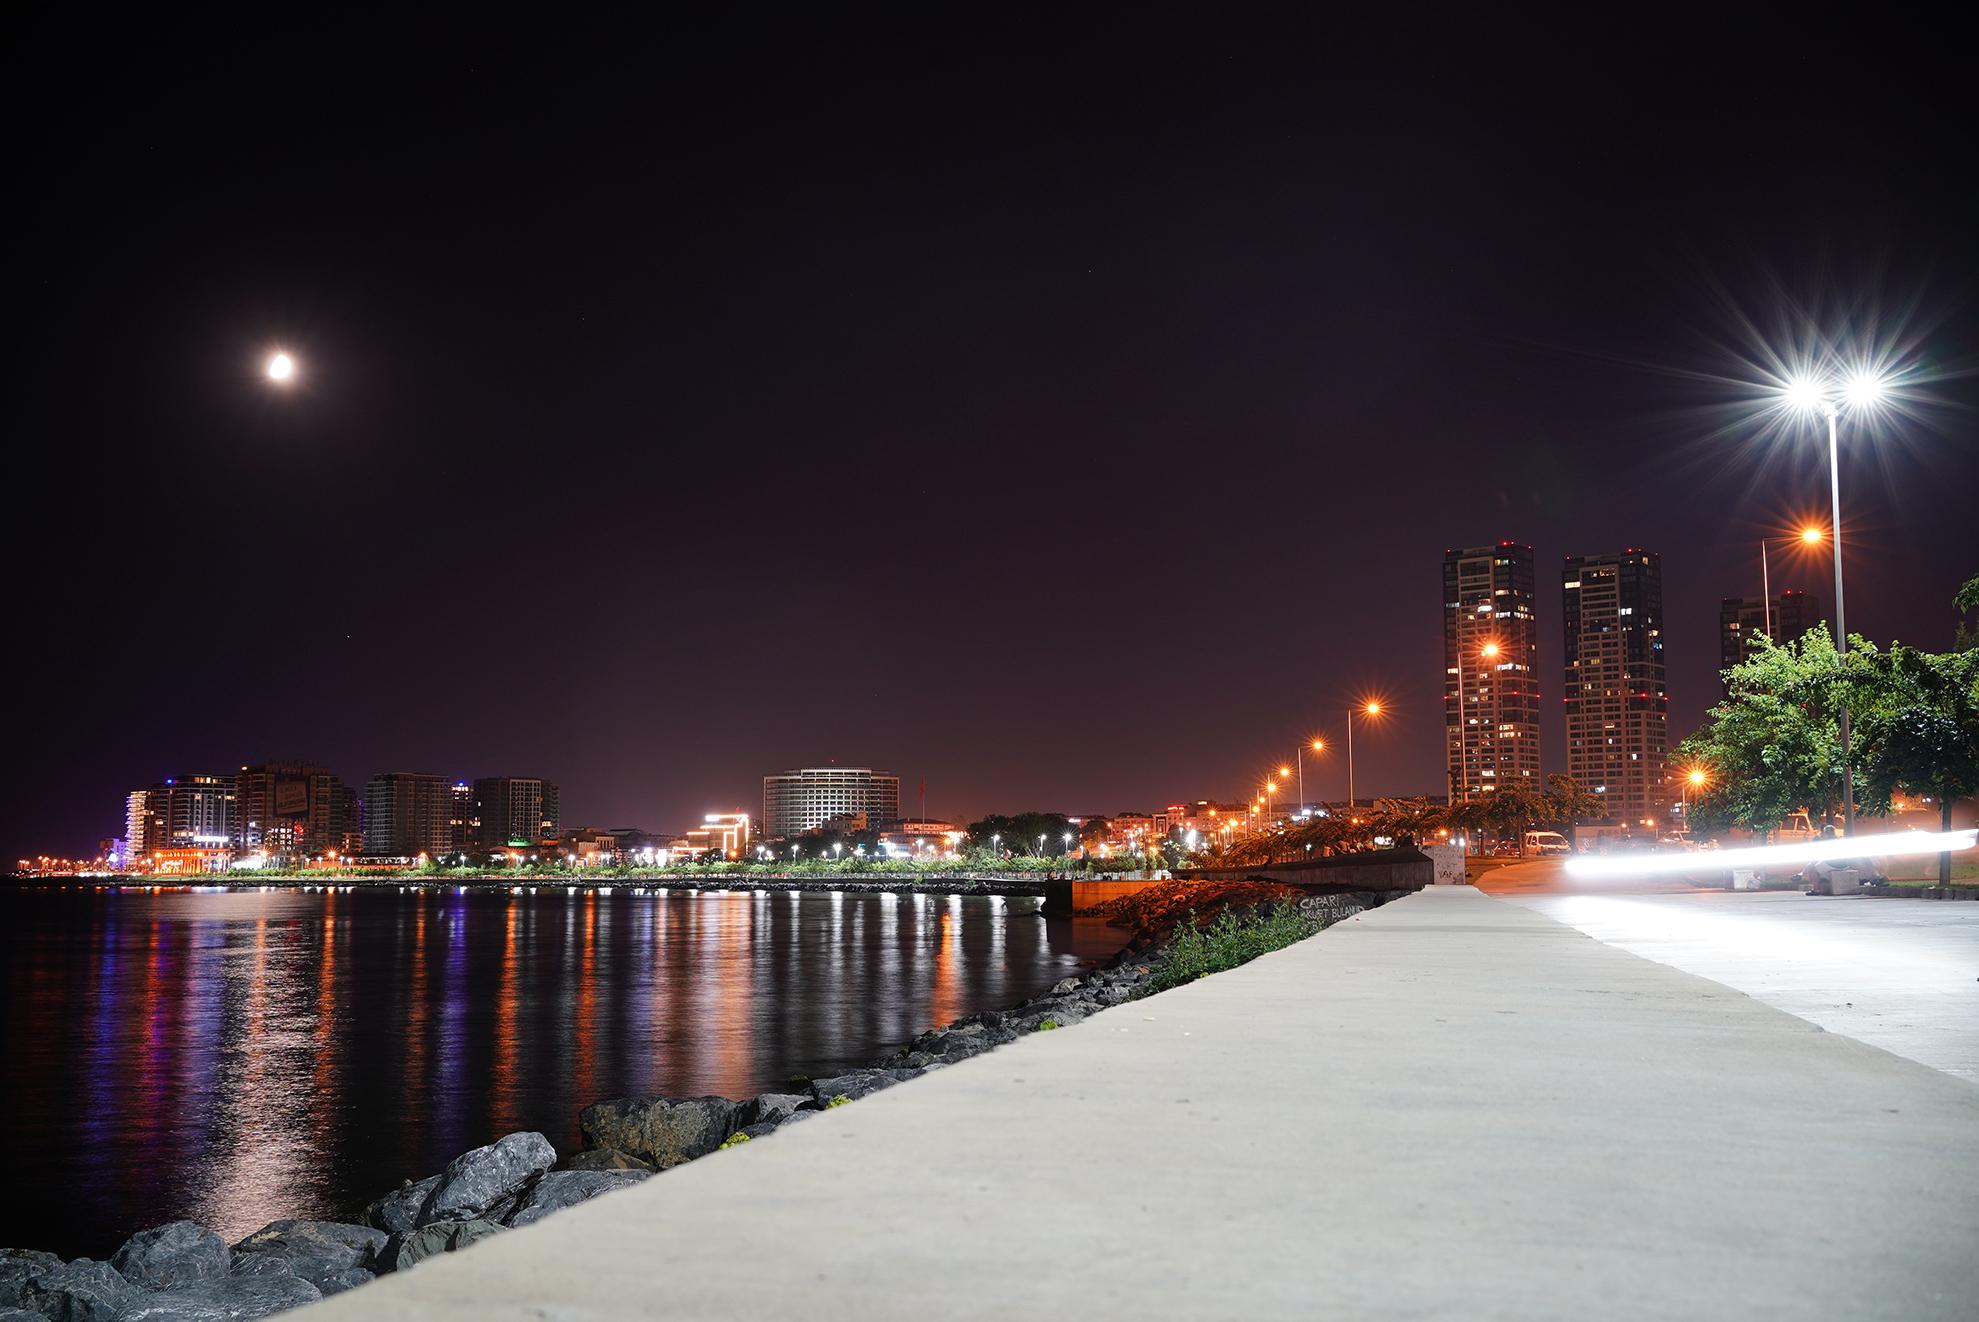 Sony FE 35mm İle Çekilmiş Örnek Fotoğraf